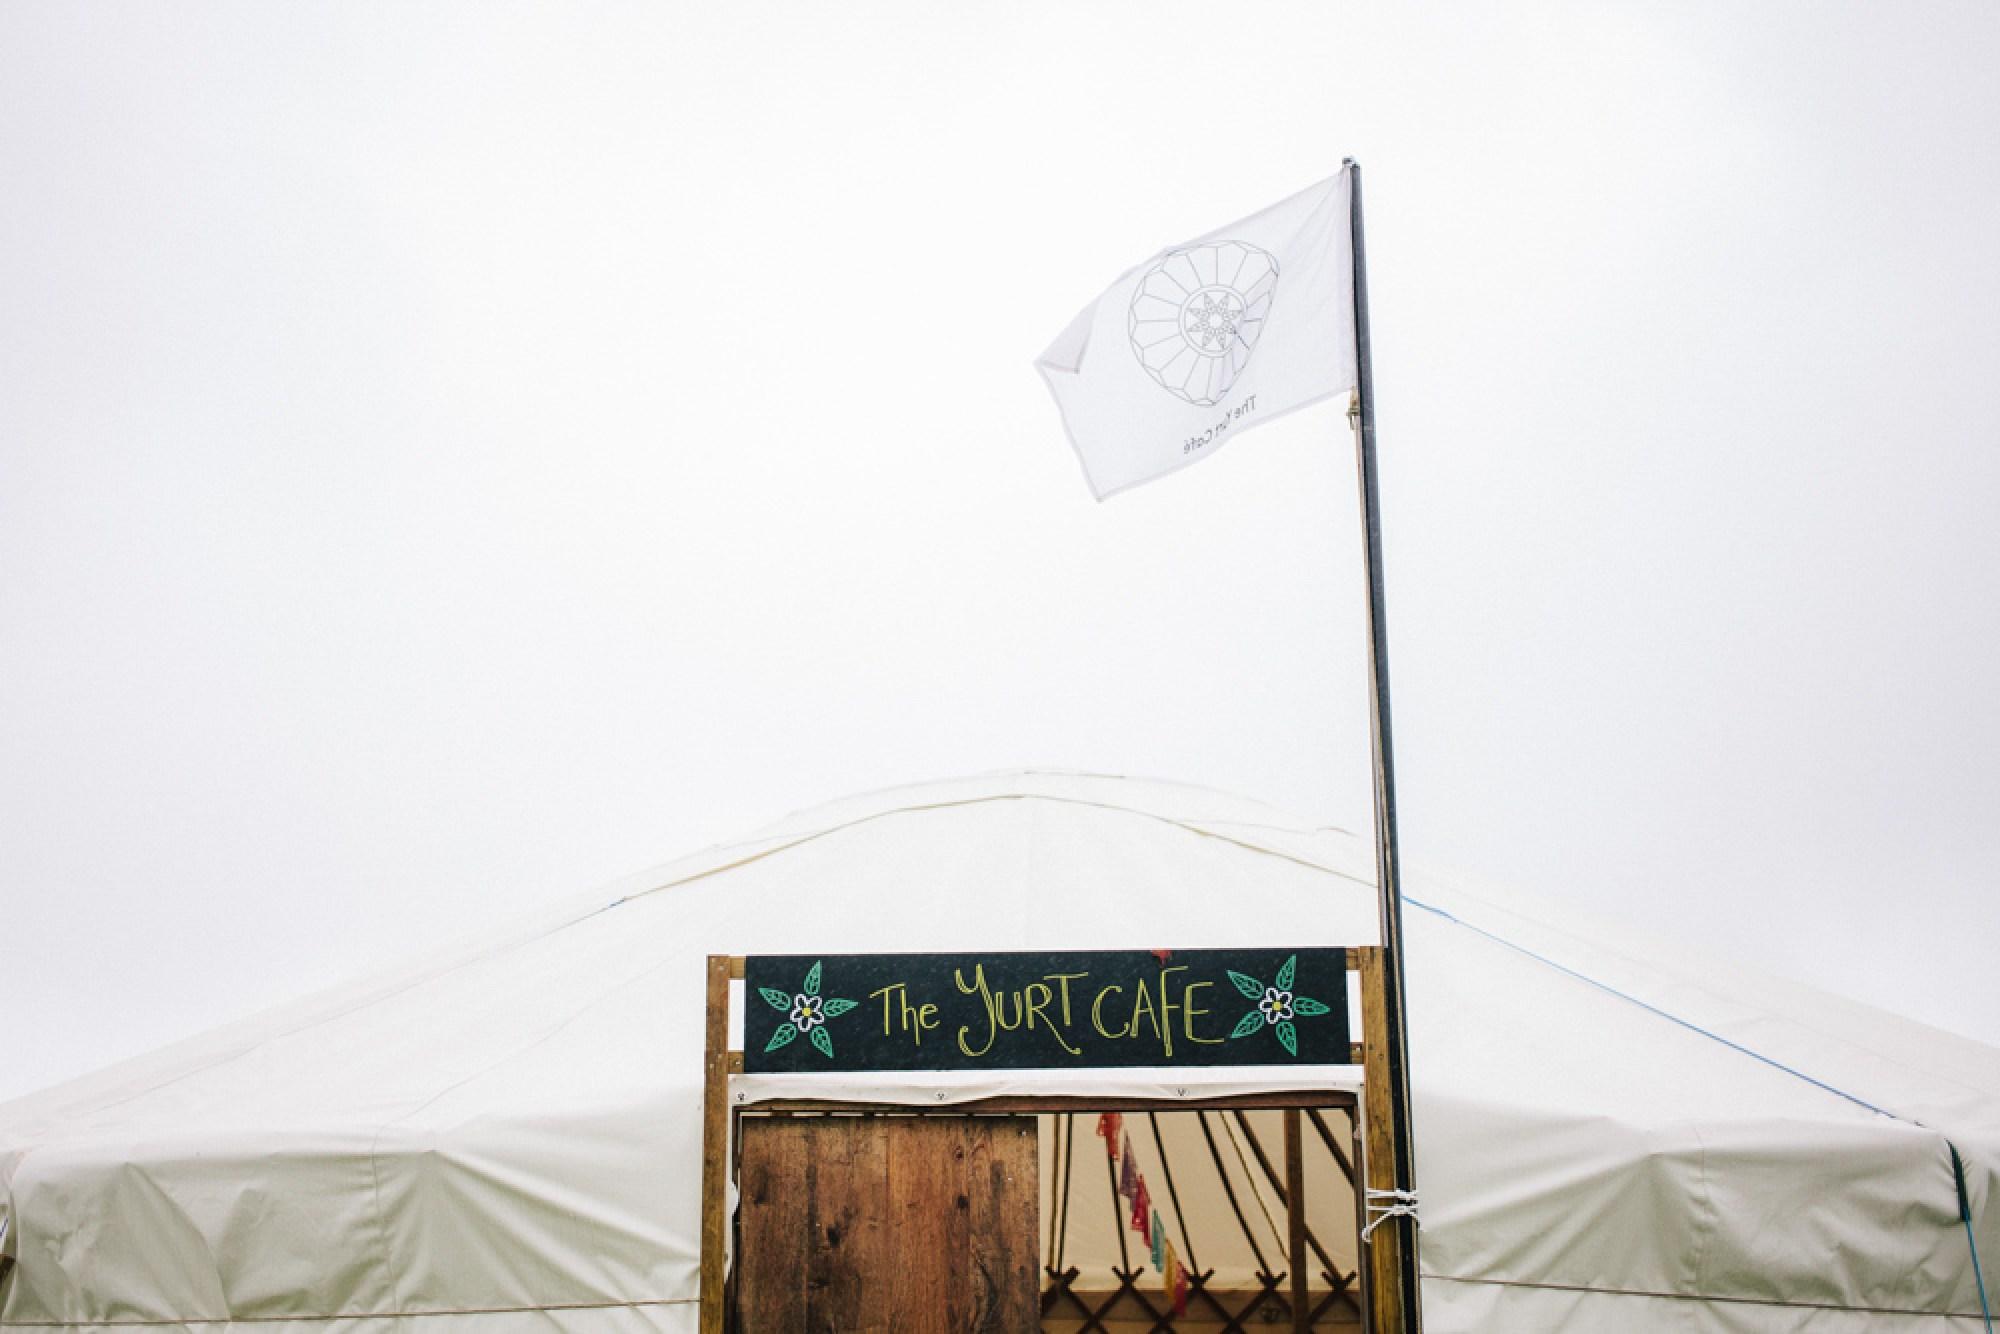 Yurt cafe at Cornish Tipi Weddings